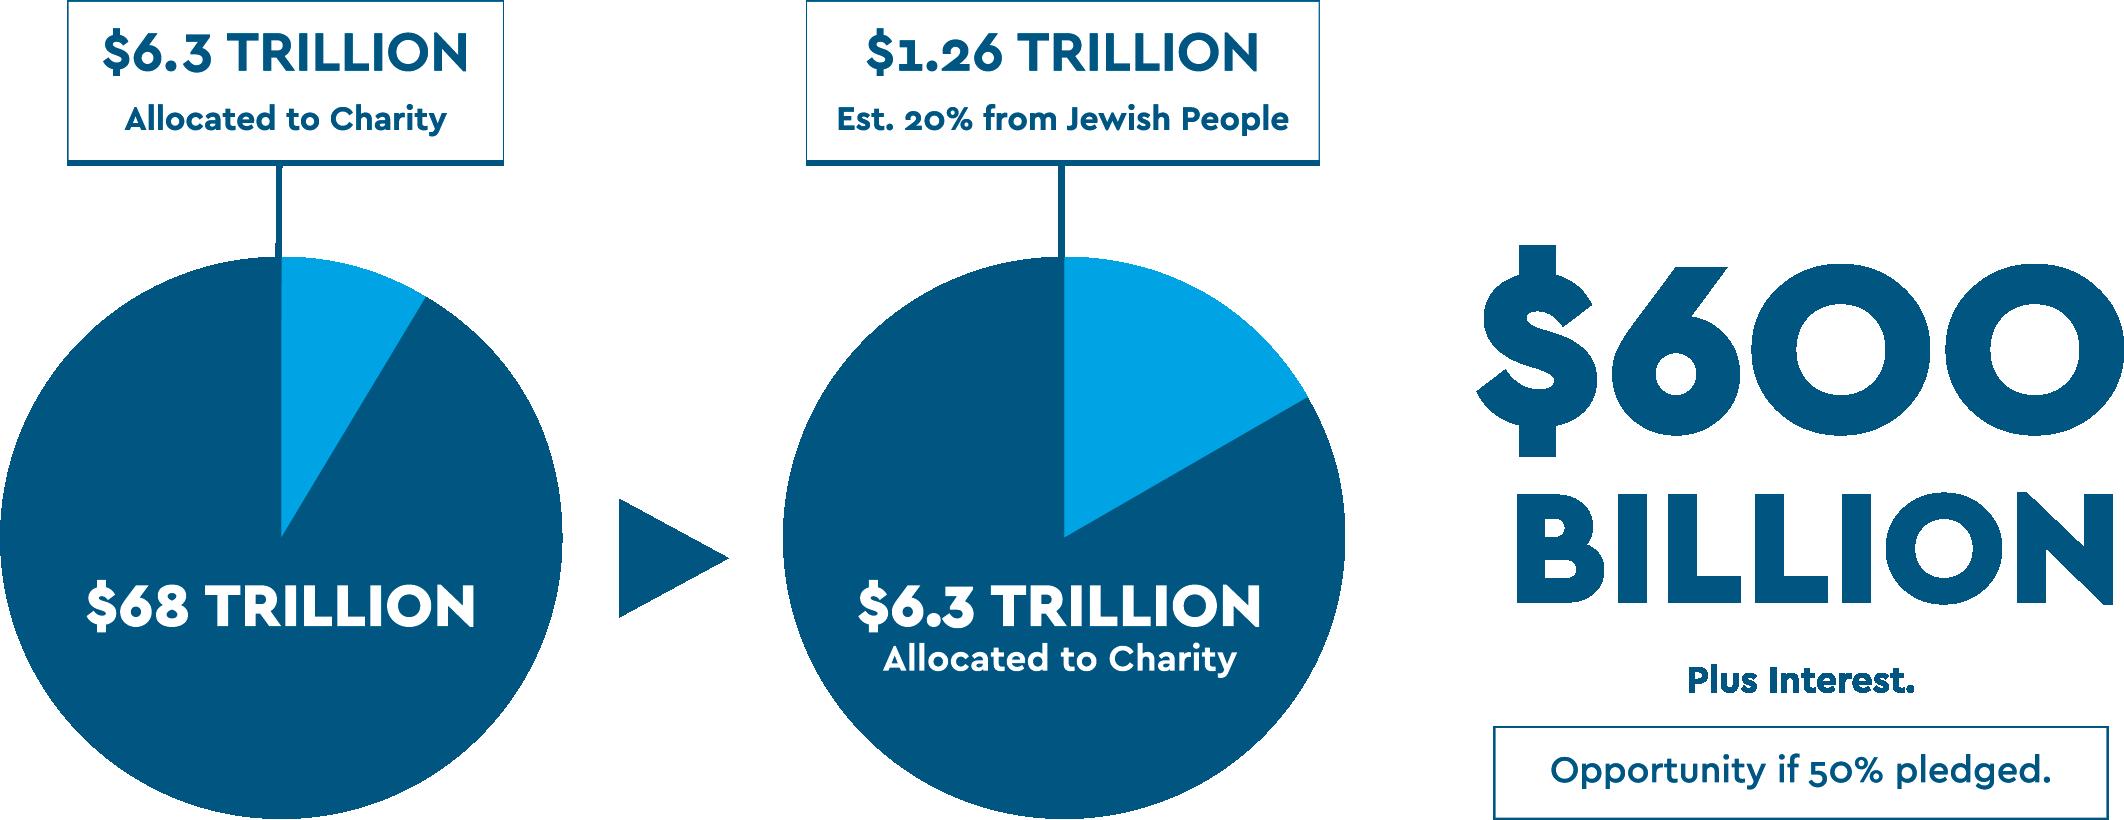 Jewish Future Pledge statistics